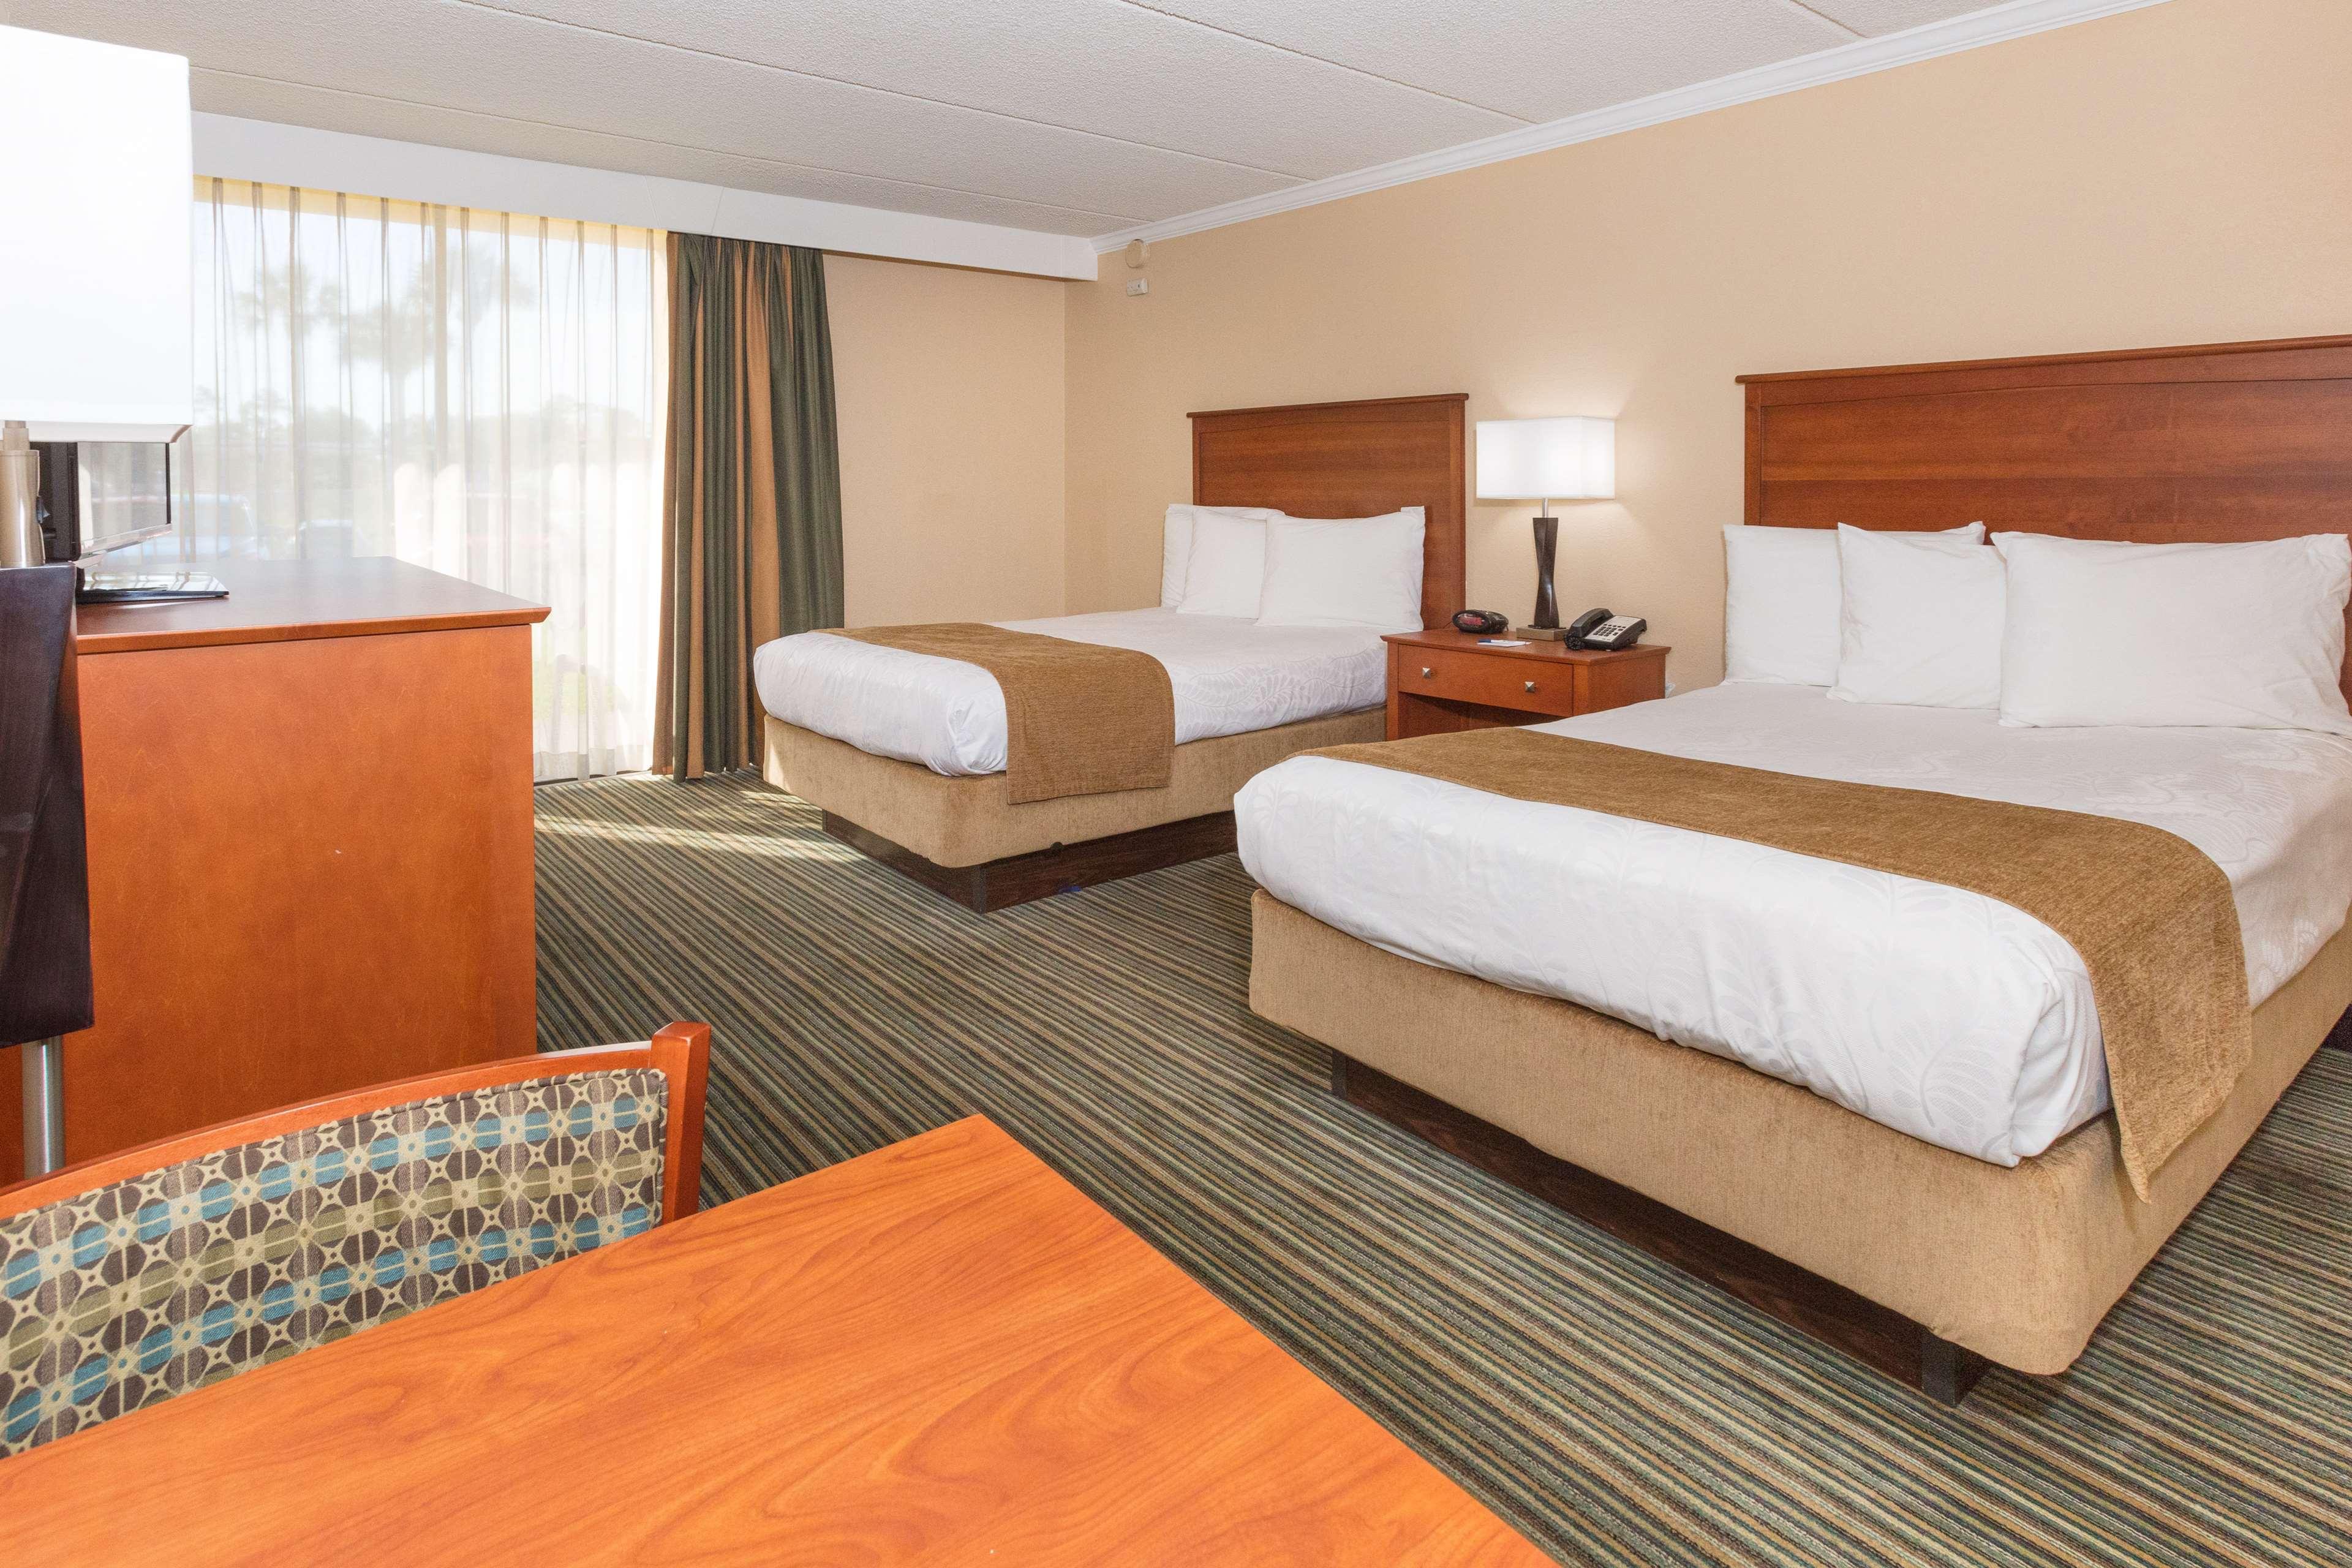 Best Western International Speedway Hotel image 24